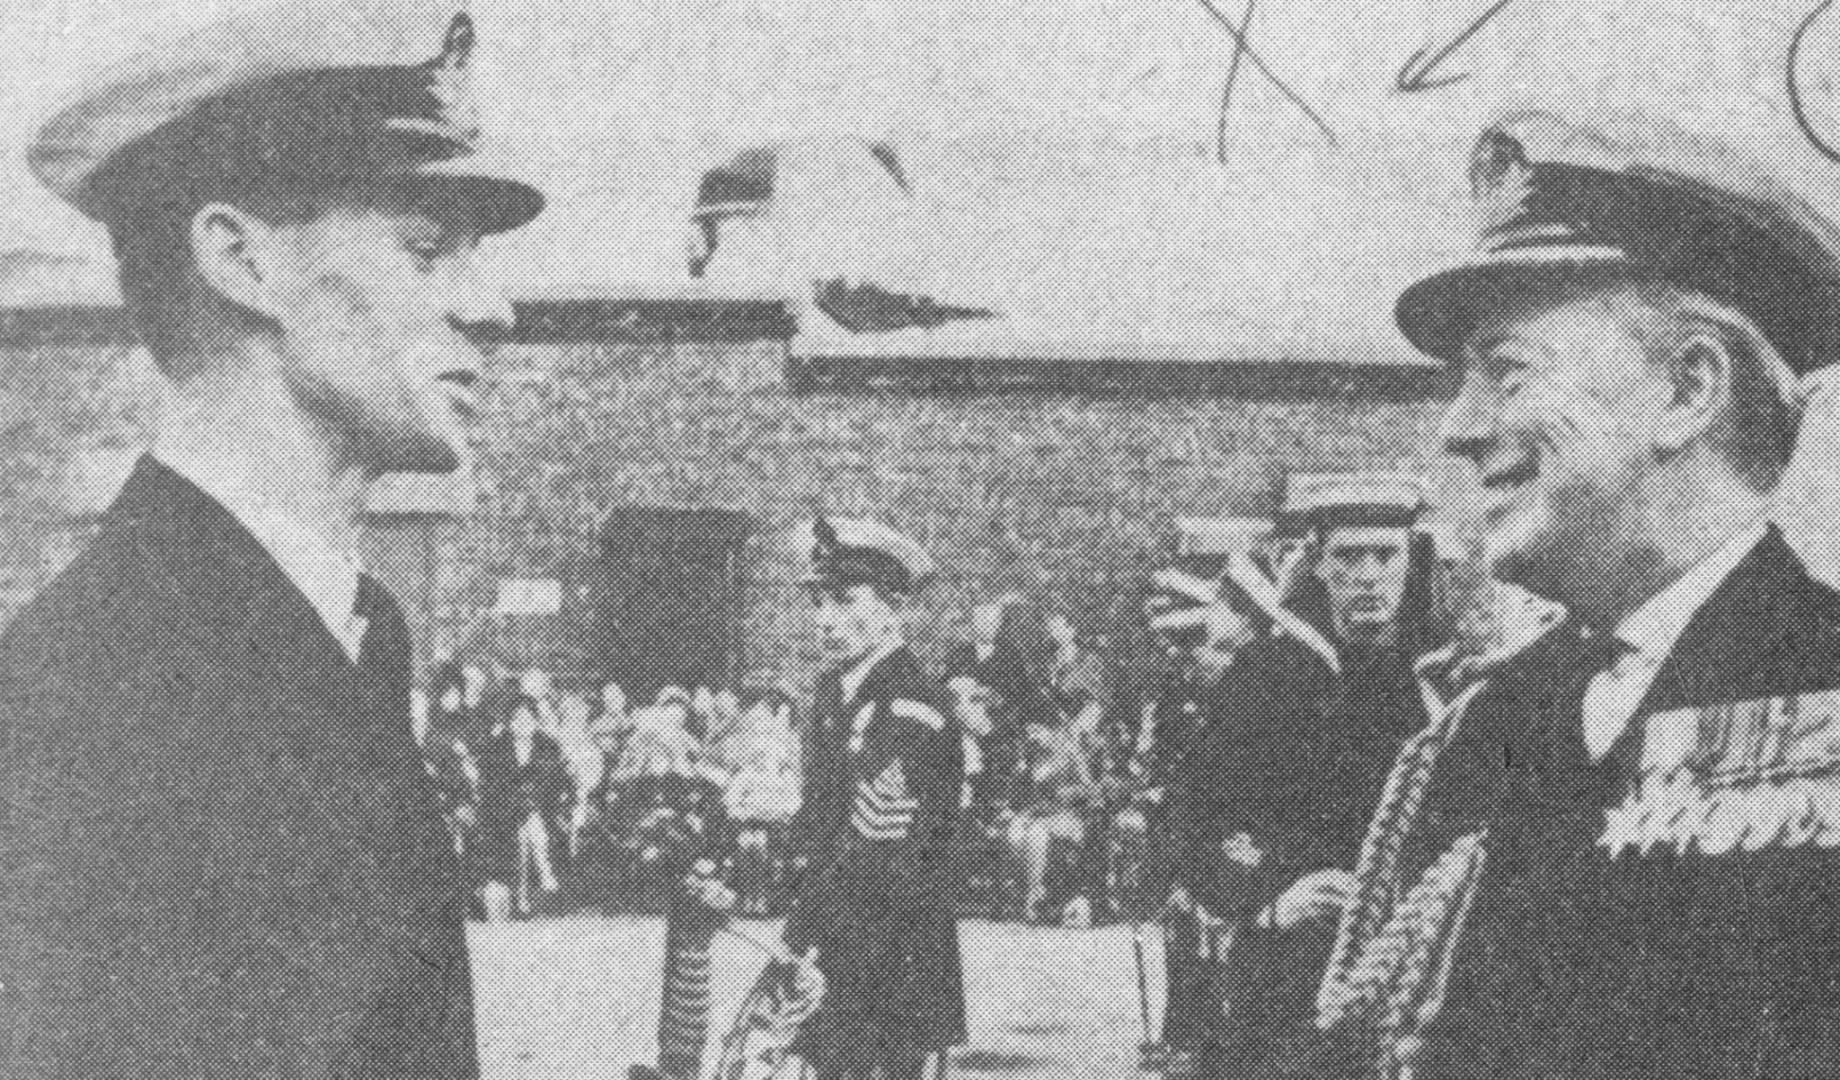 يبدو في الصورة أحد كبار الضباط  في الكلية العسكرية يسلم «سيف الشرف» للضابط بنغهام